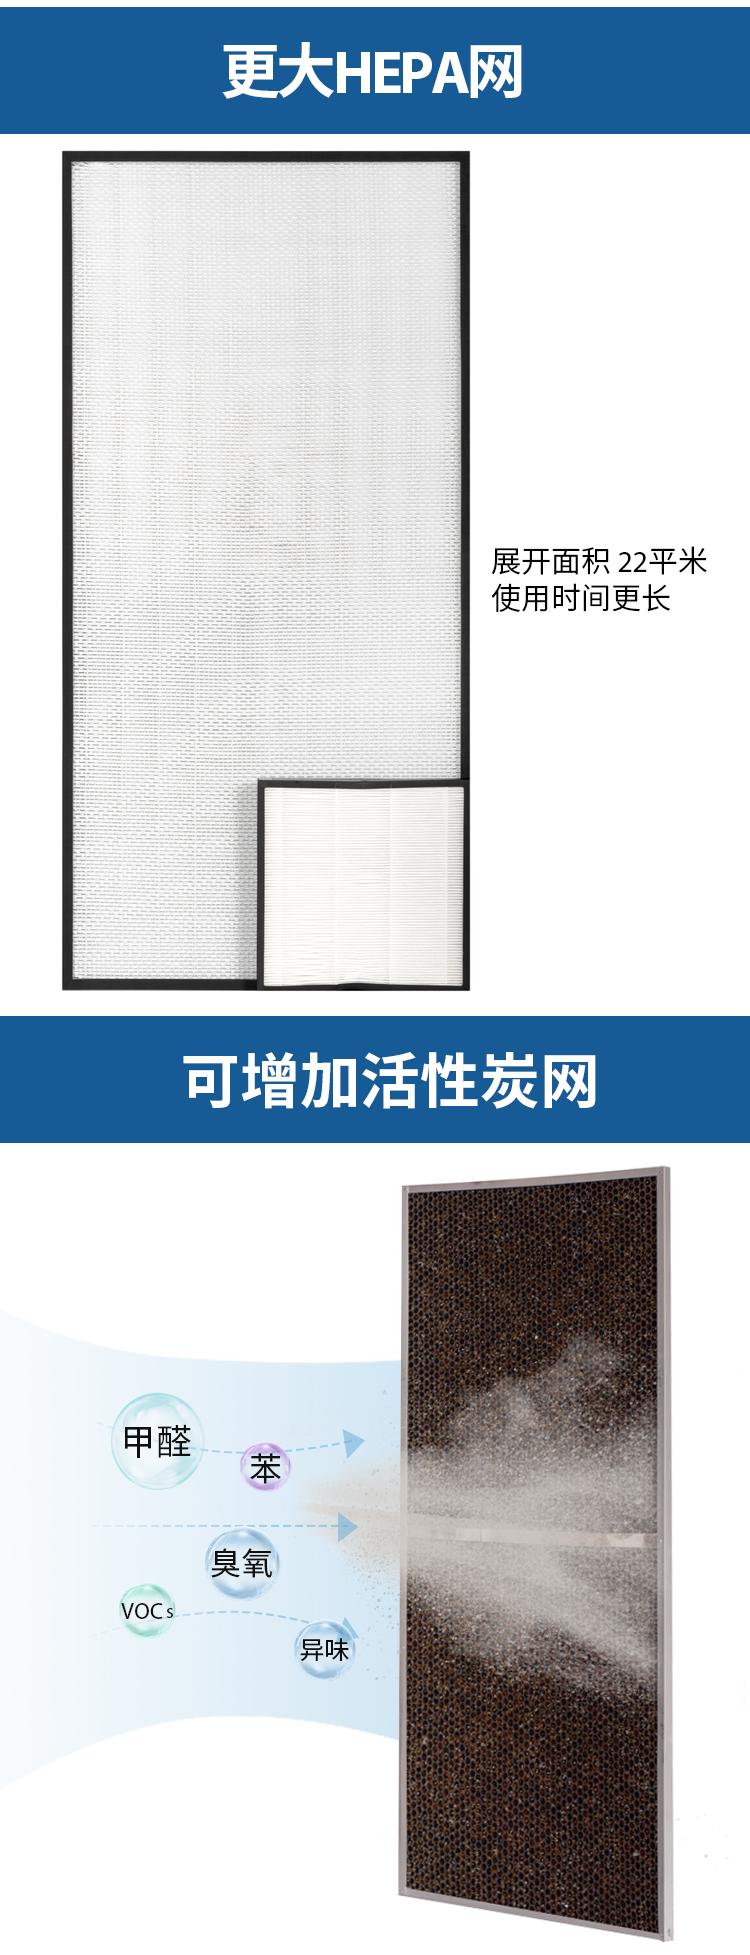 大胖空气净化器HEPA滤网超大面积可配备活性炭滤网